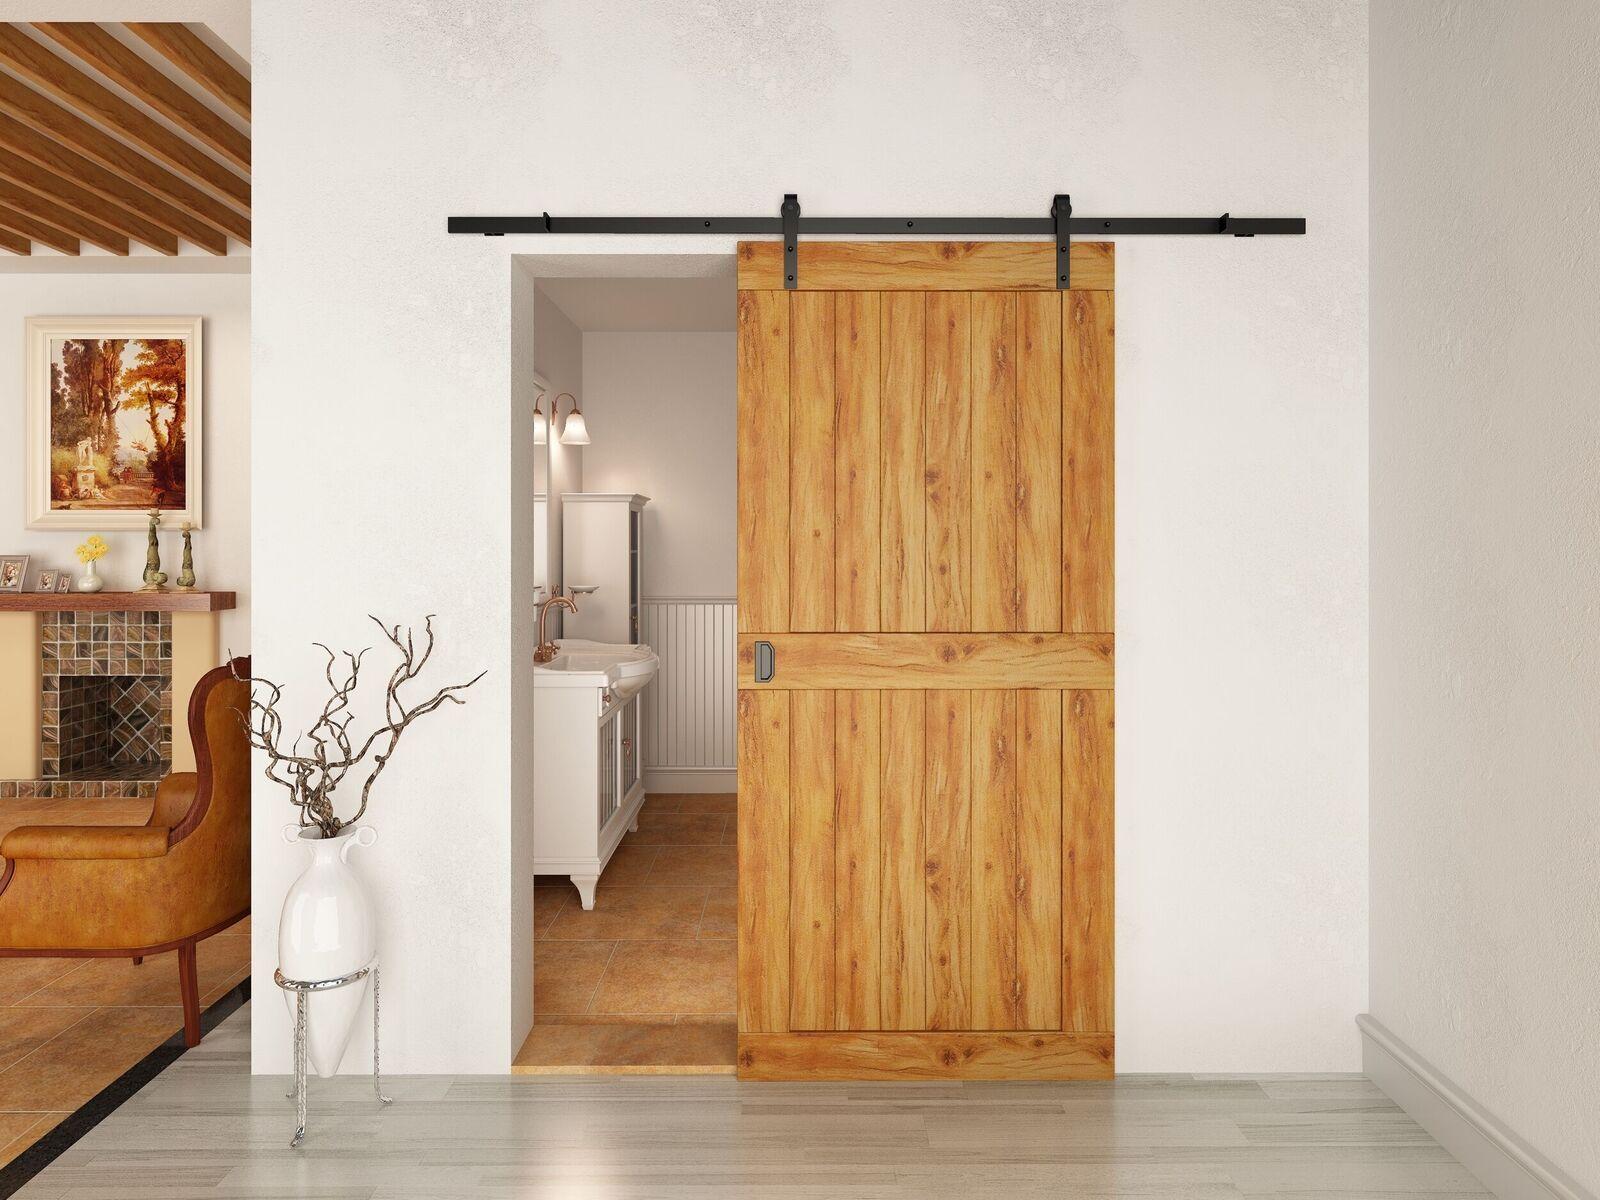 """6'6 """"الكلاسيكية ريفي أسود / القهوة انزلاق الحظيرة الخشب باب الأجهزة الحديثة المسار"""